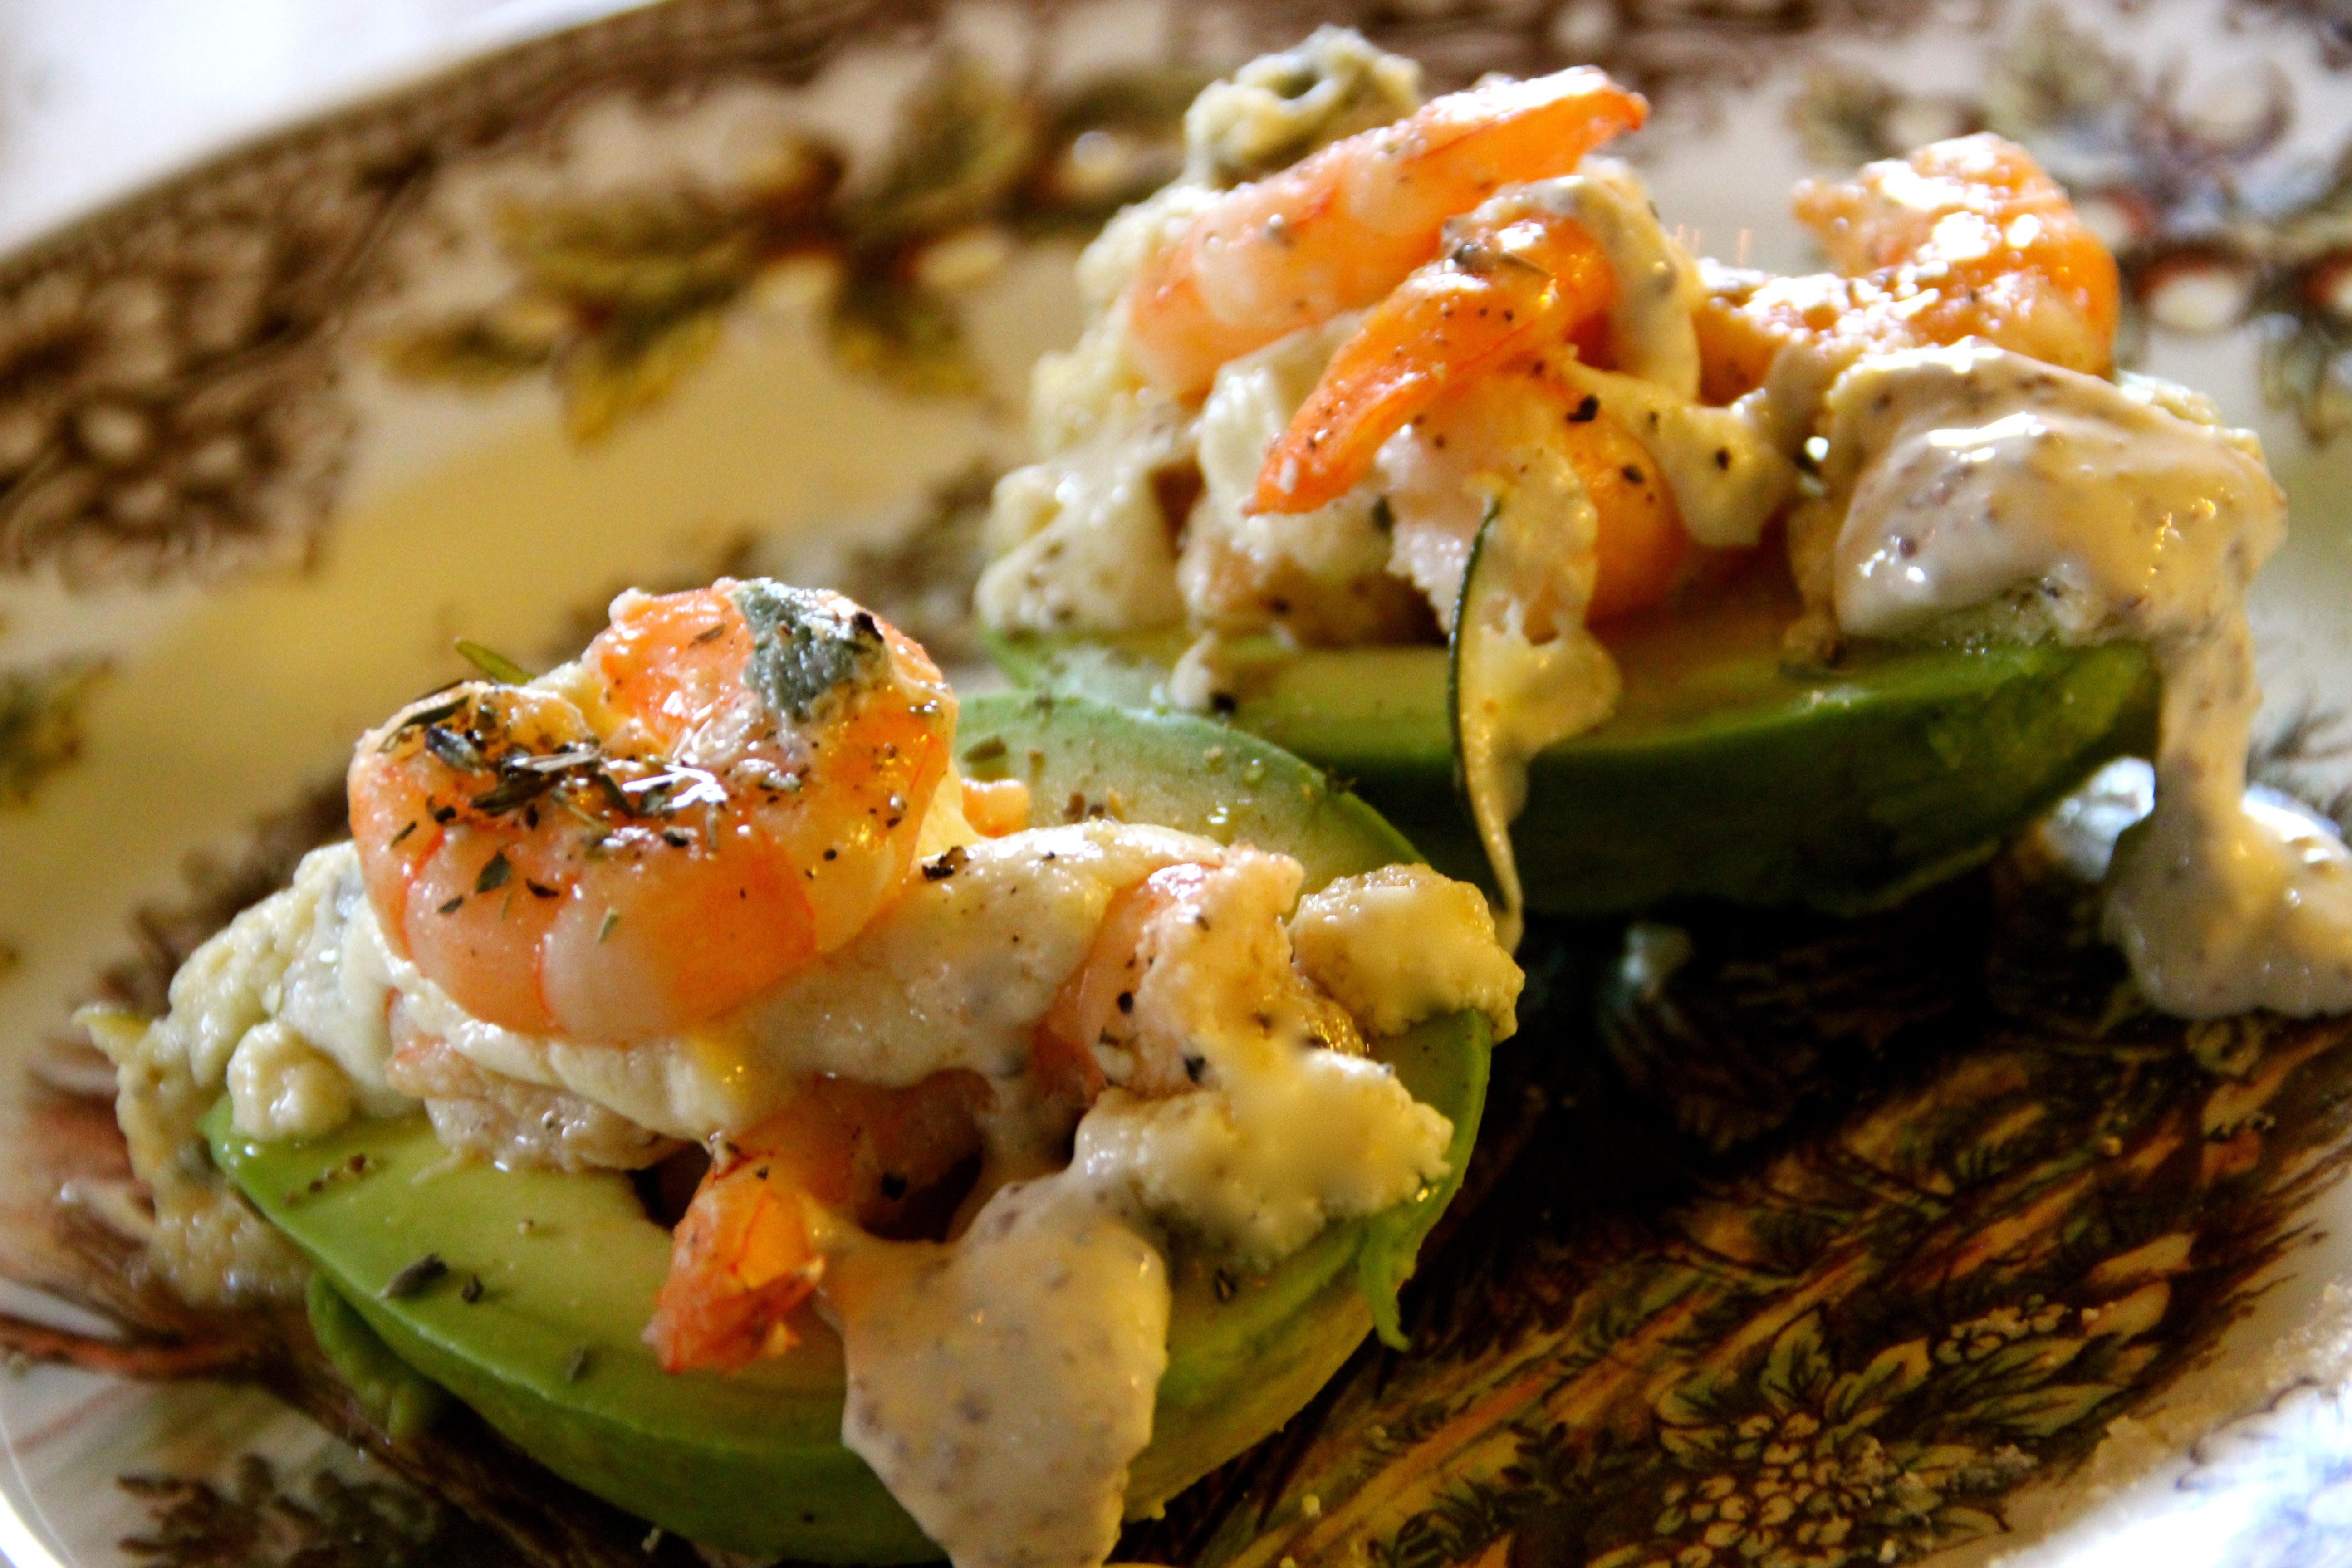 avocado, easy summer recipe, vegetarian, mustard sauce, cram sauce